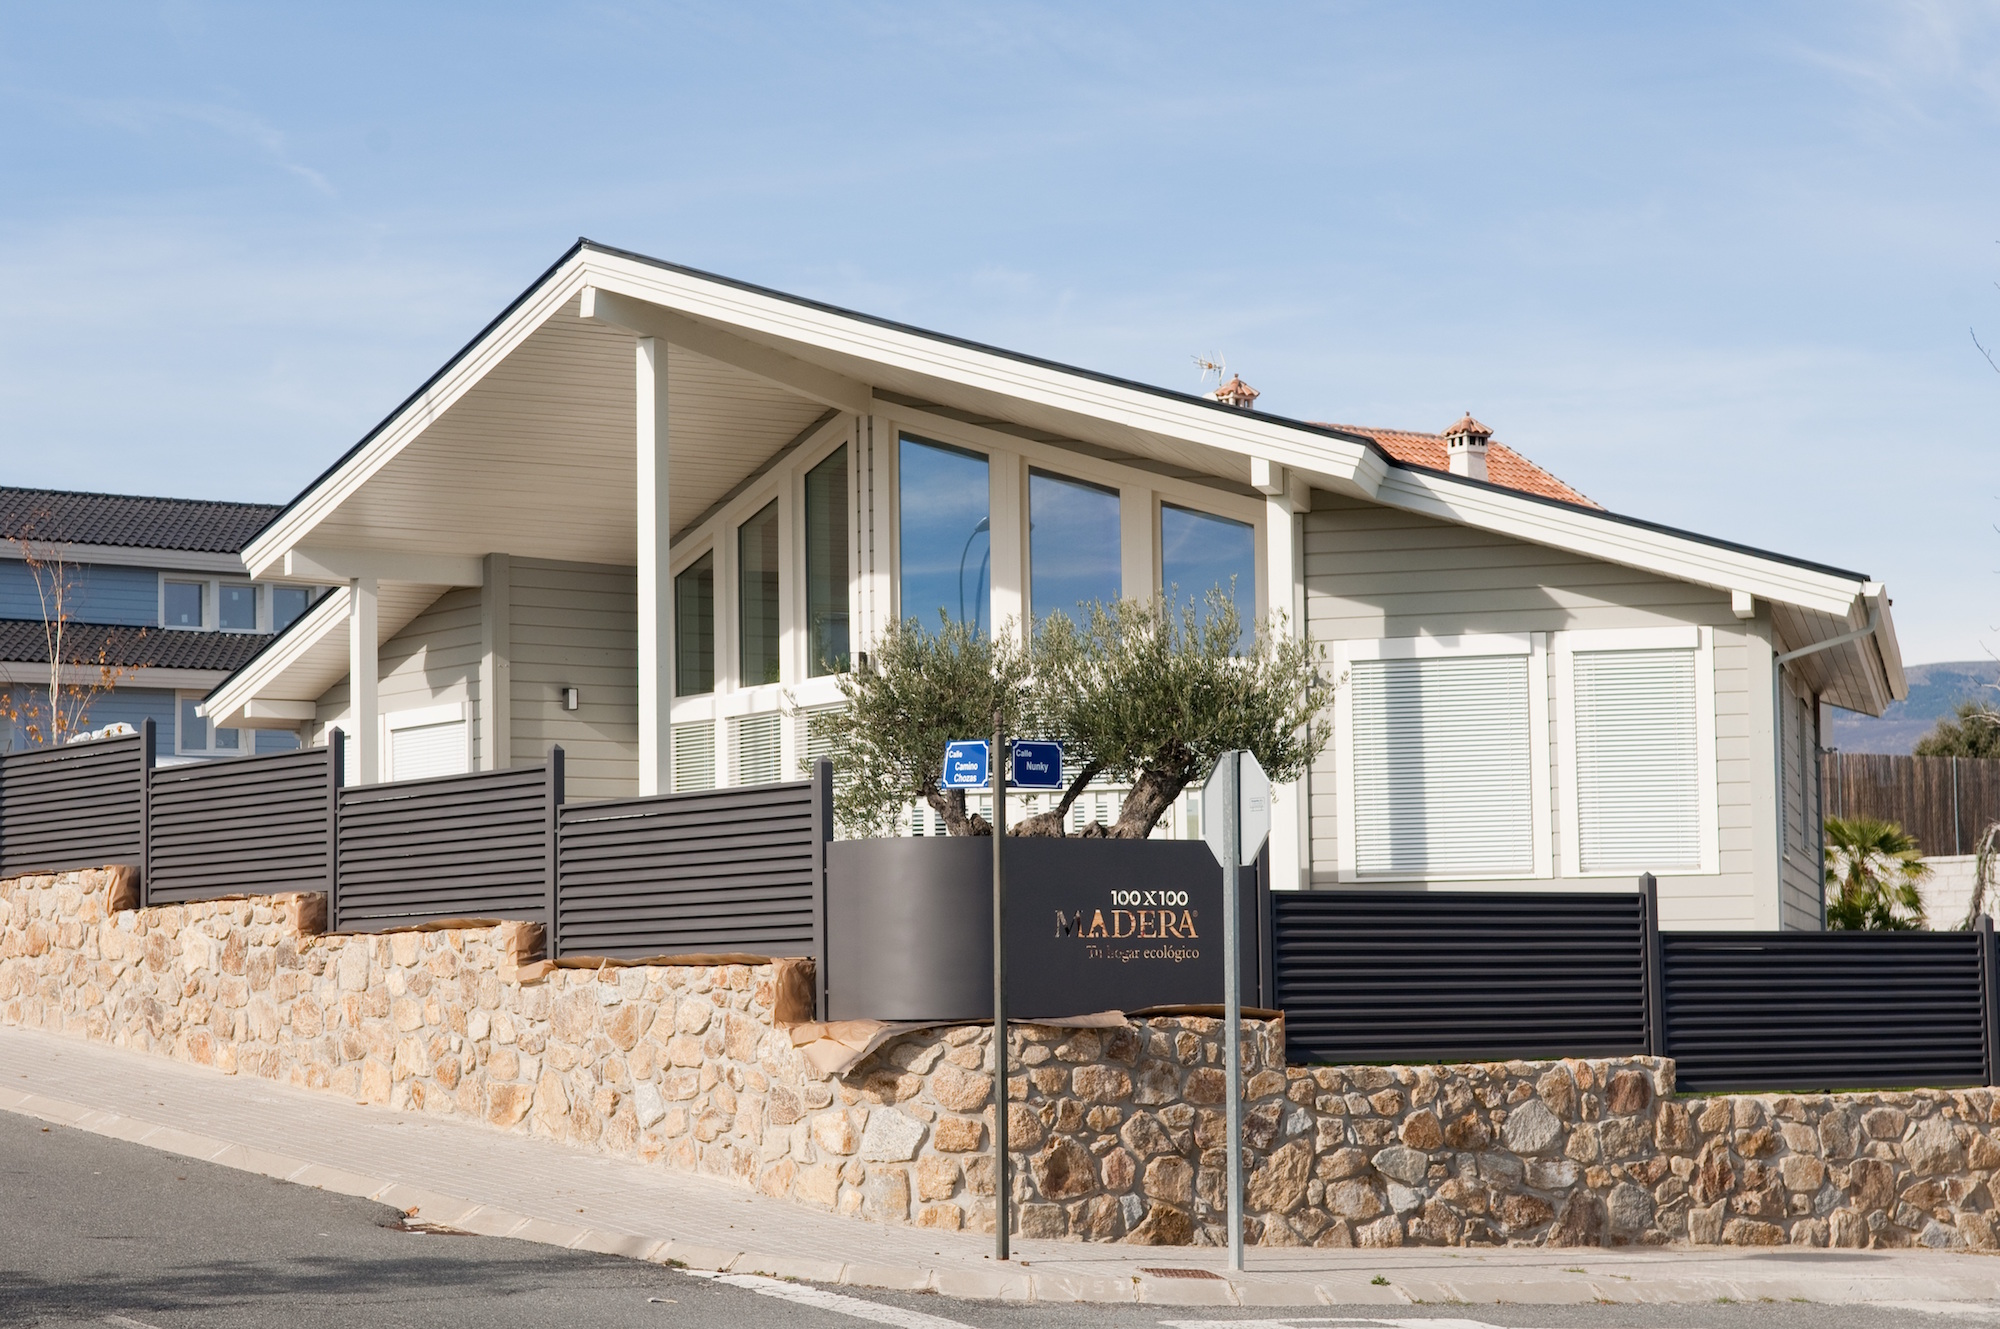 100x100 Madera Trabaja Construye Casas Eficientes Energéticamente Cuidando Al Medio Ambiente